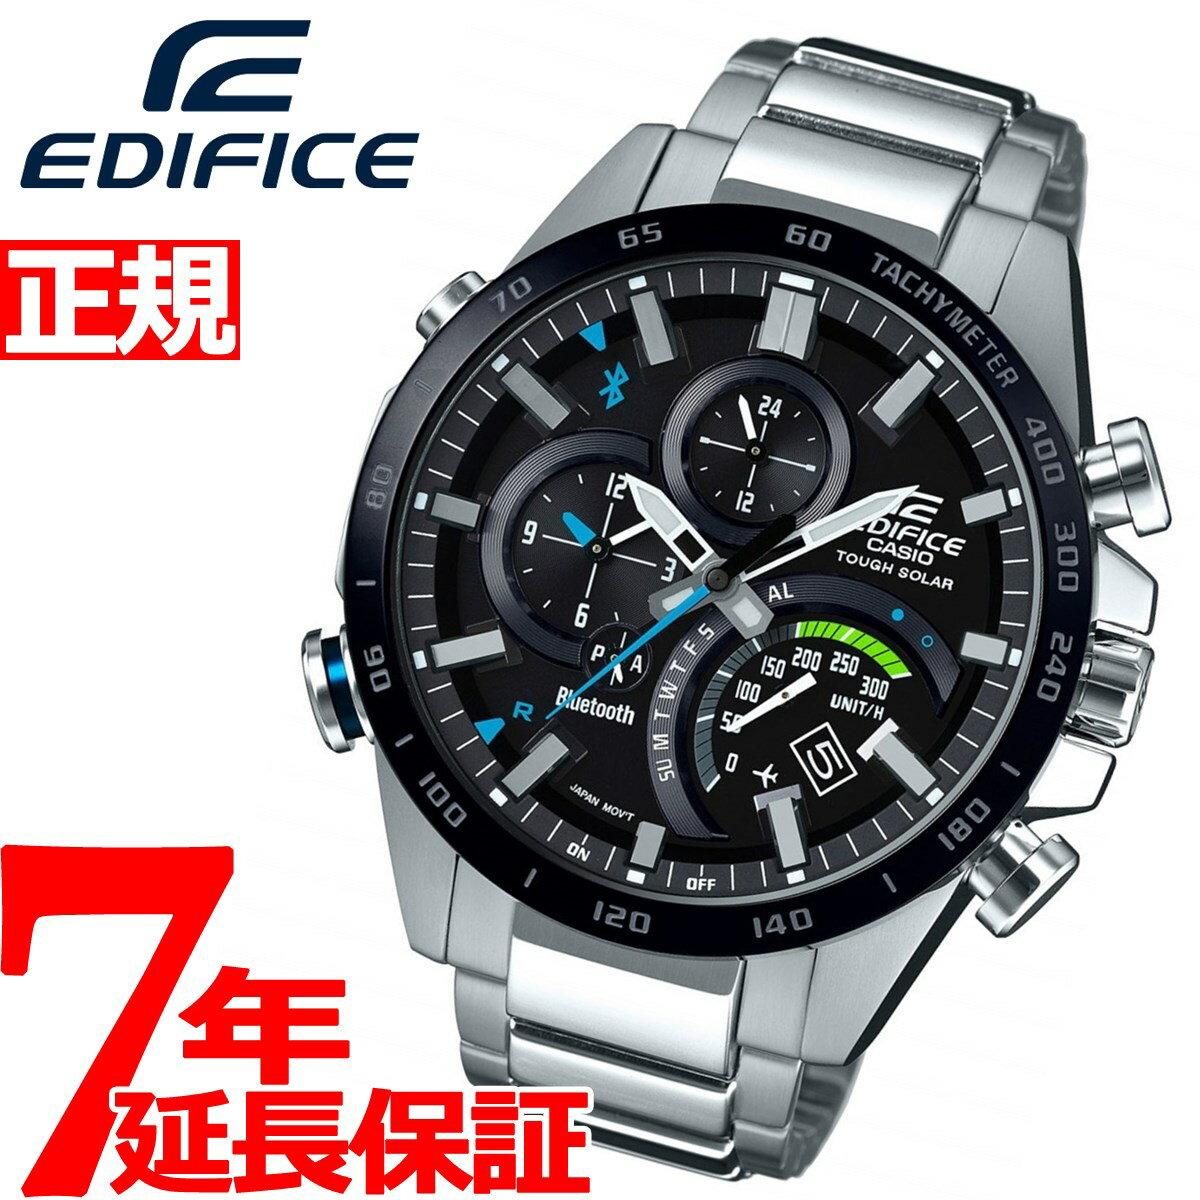 カシオ エディフィス CASIO EDIFICE Bluetooth ブルートゥース 対応 ソーラー 腕時計 メンズ TIME TRAVELLER タフソーラー EQB-501XDB-1AJF